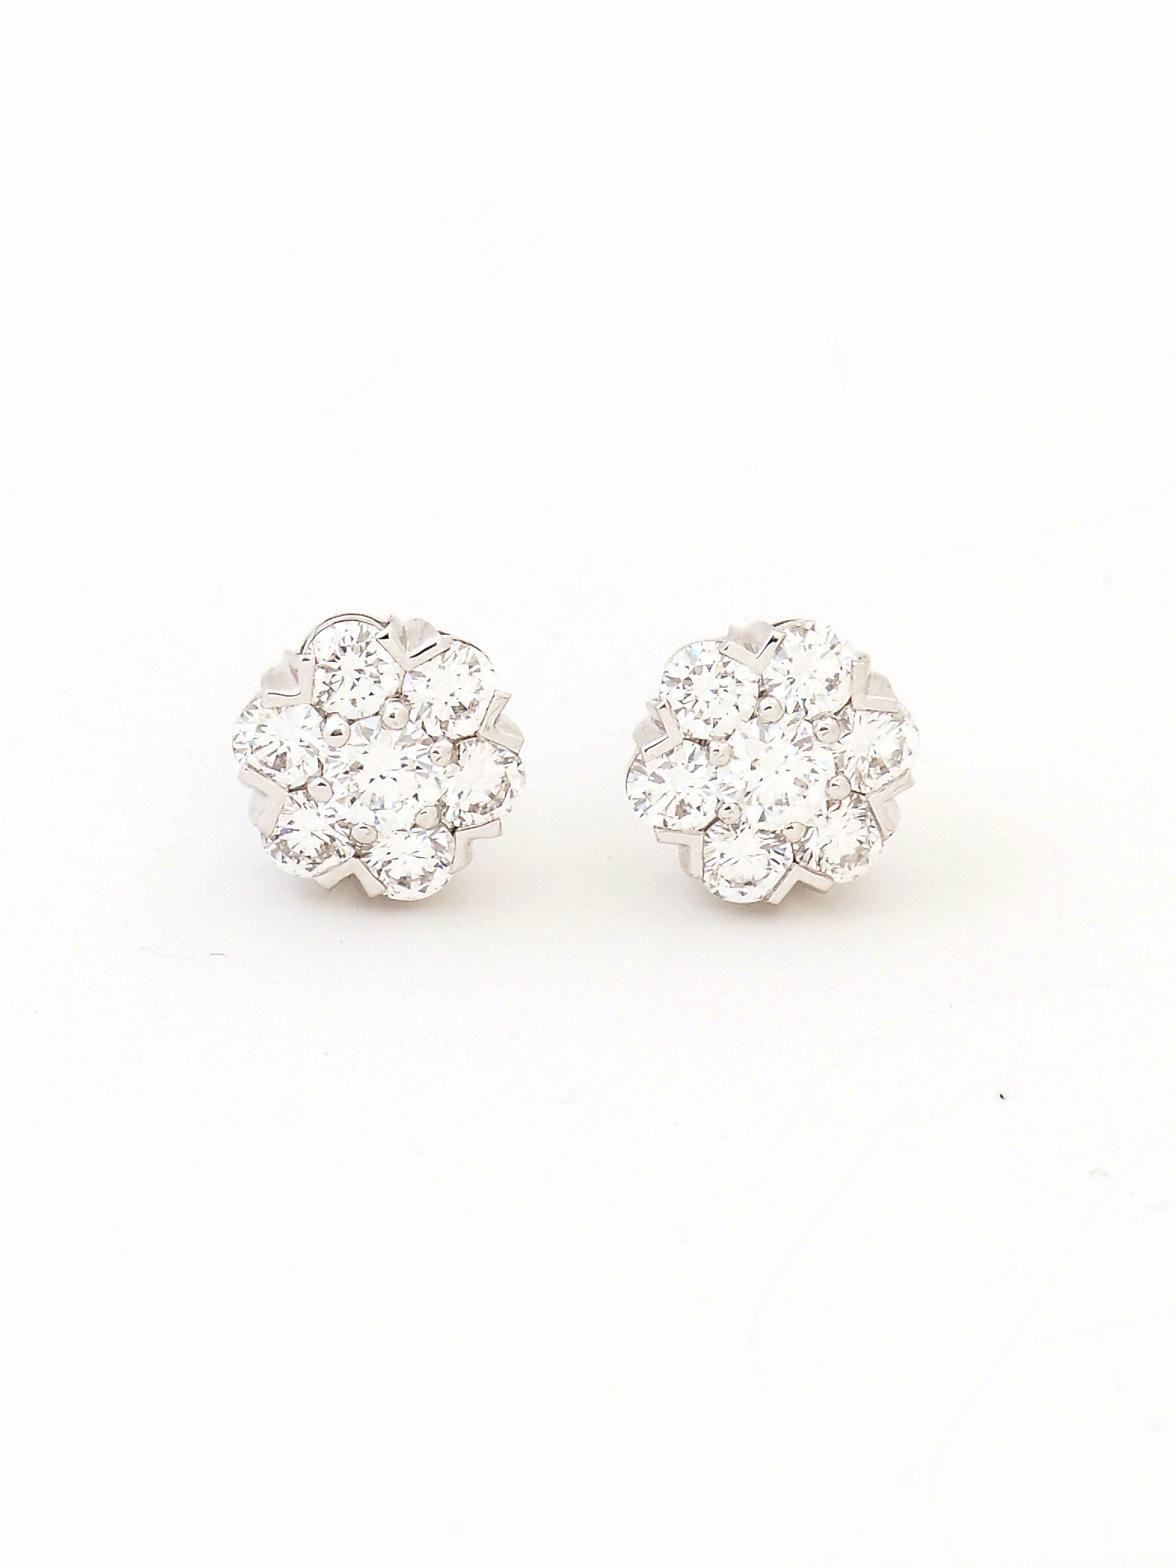 Van Cleef & Arpels 18k White Gold Fleurette Diamond Stud Earrings At London  Jewelers!